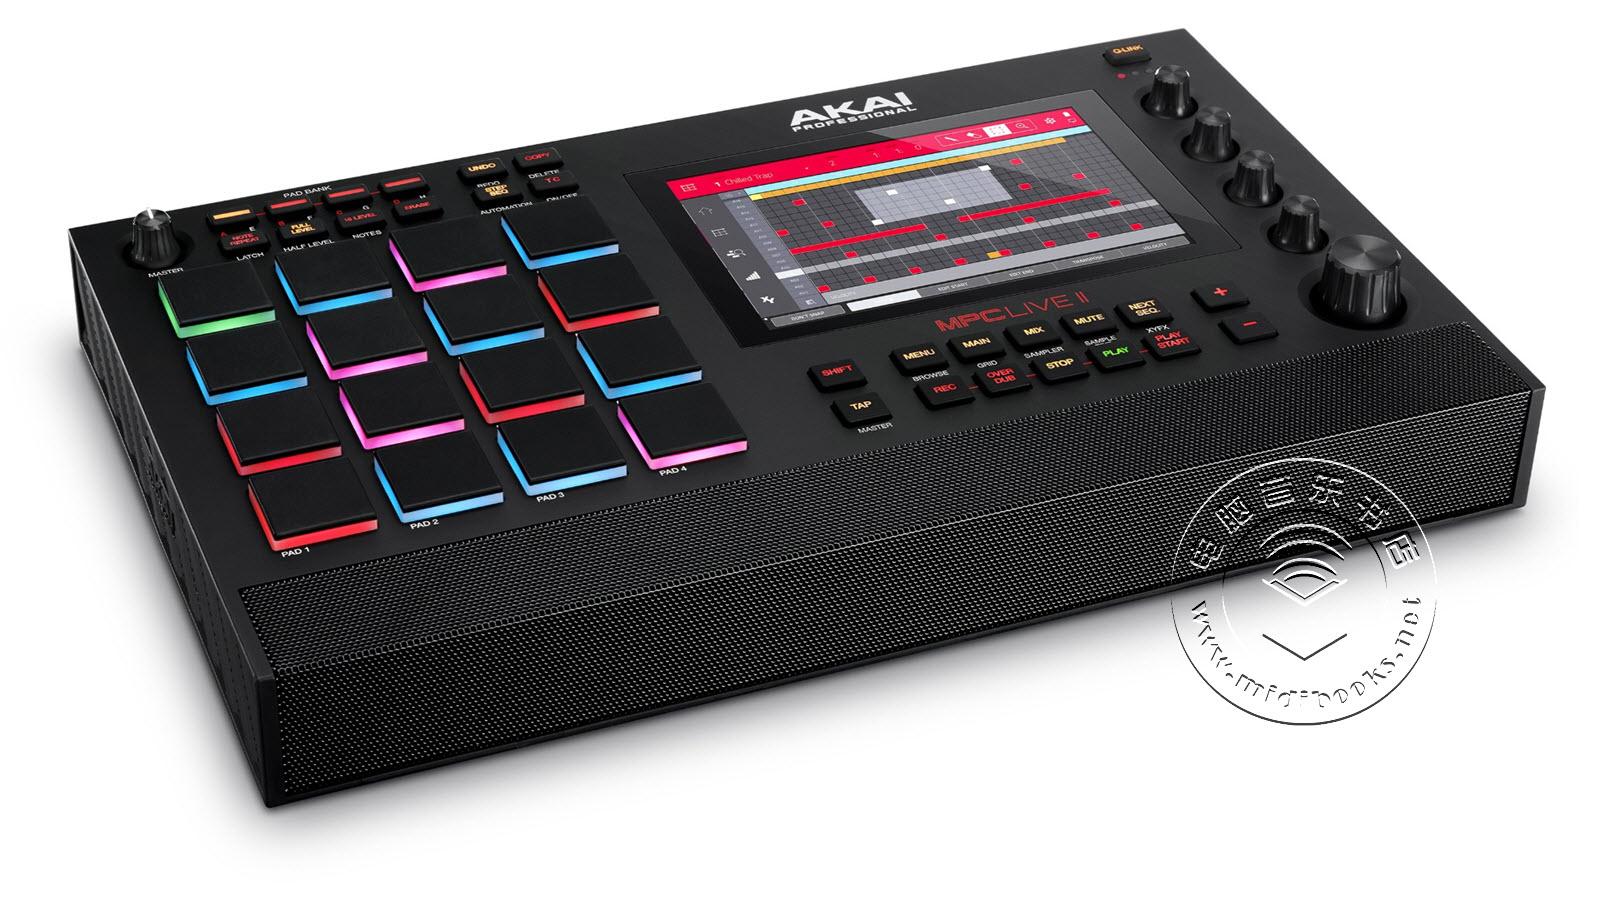 Akai发布内置监听音箱的MPC Live Ⅱ演奏控制器(视频)